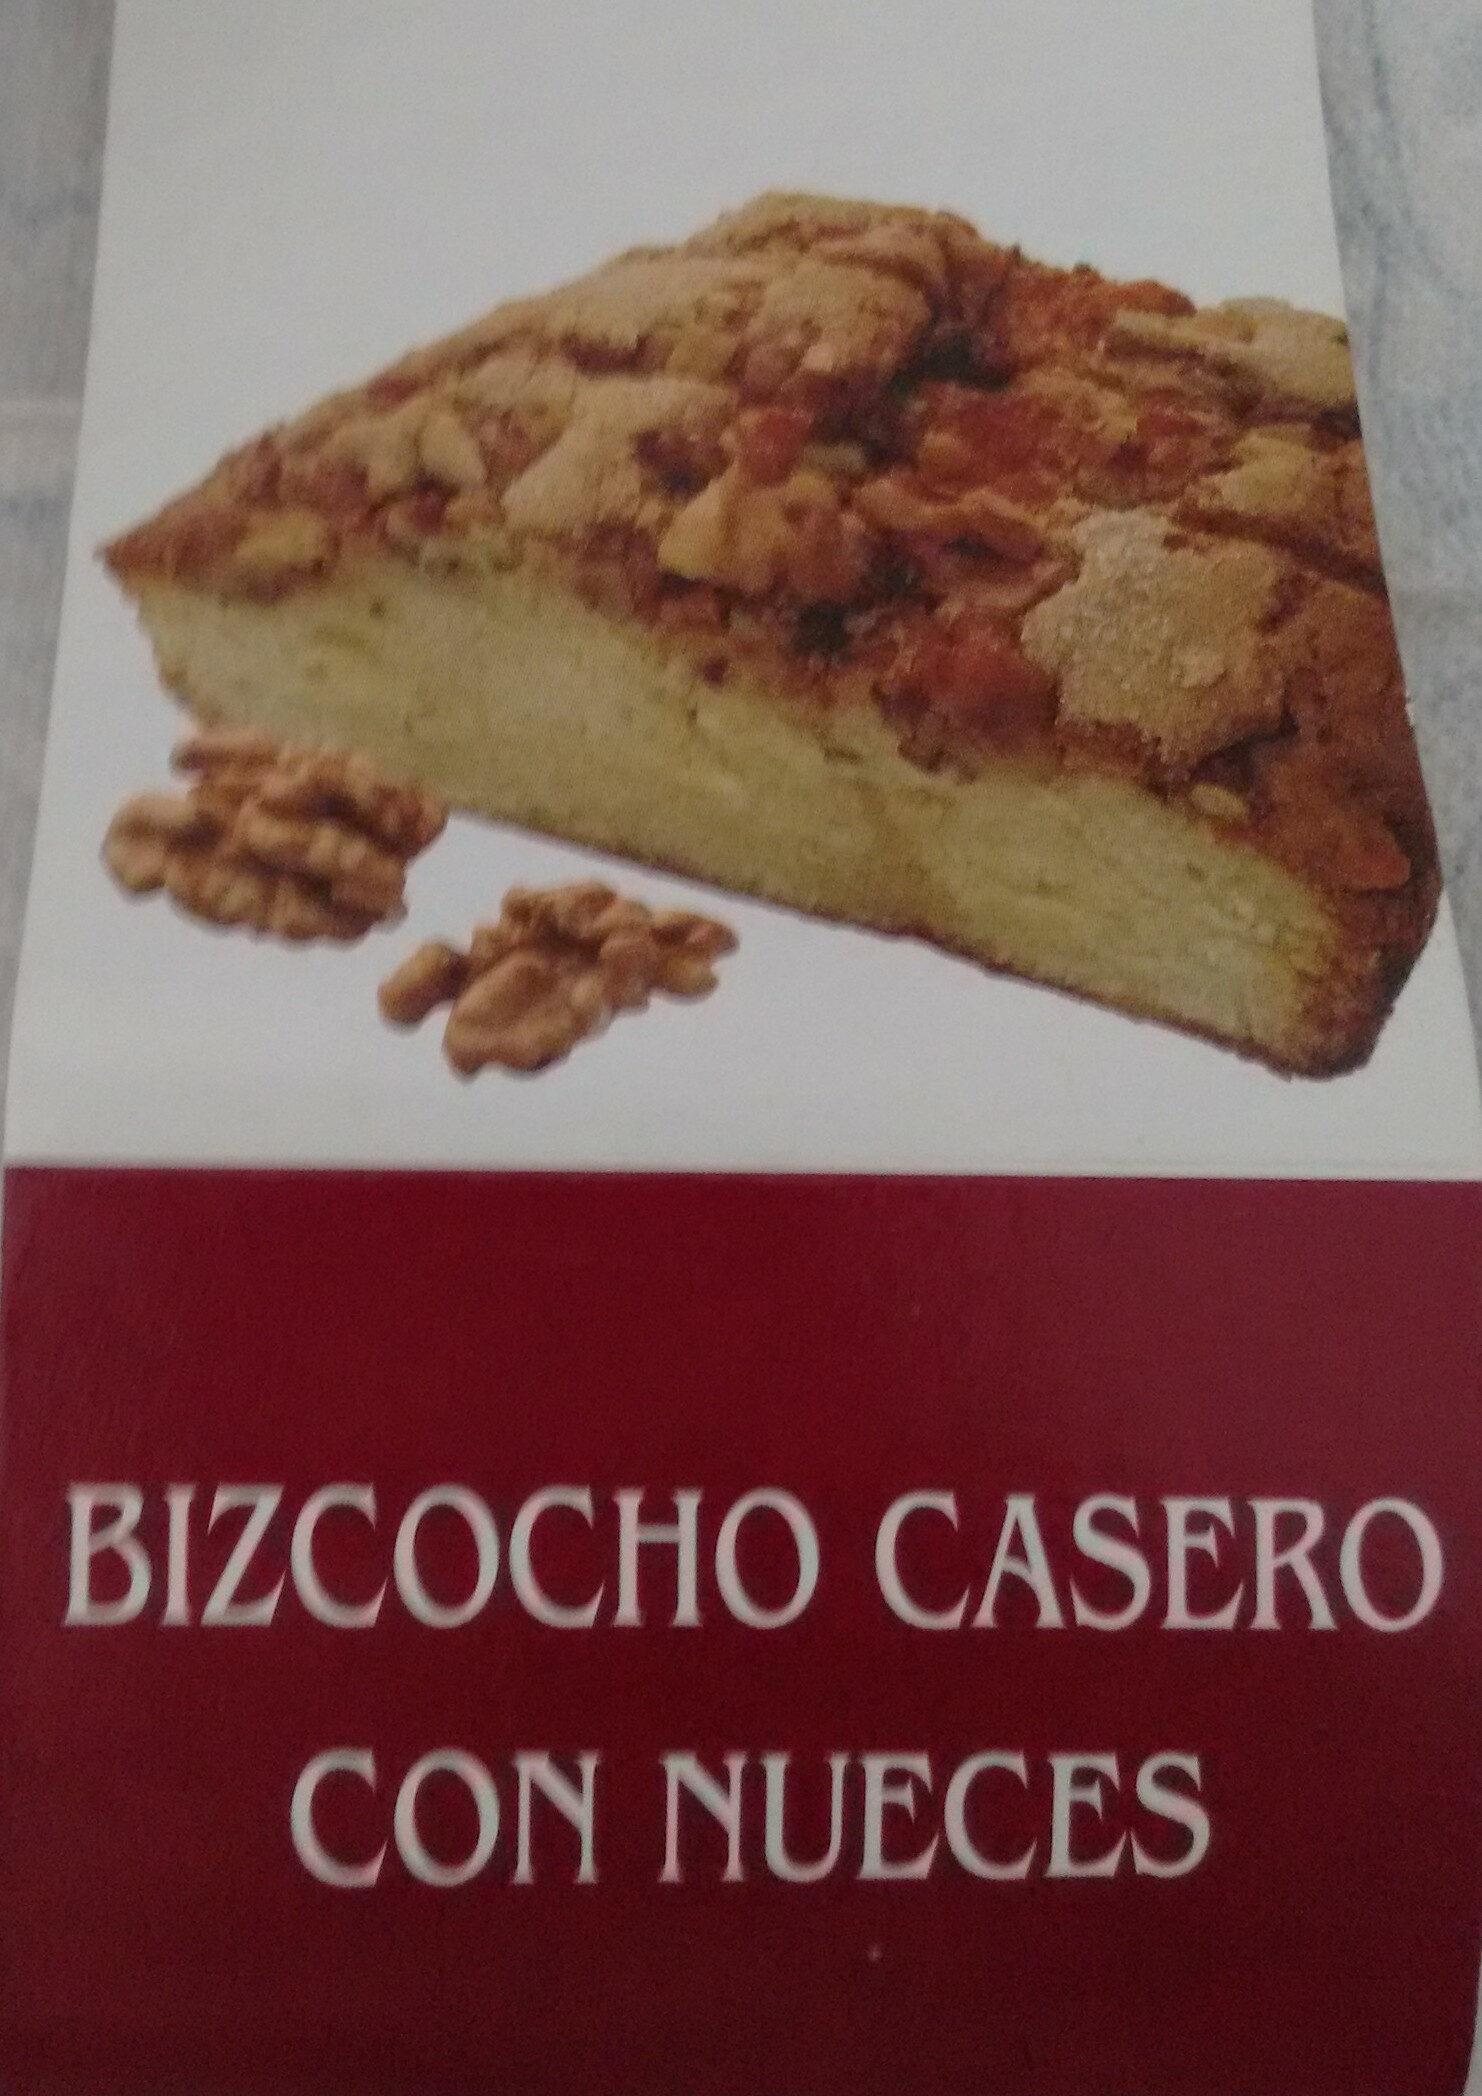 Bizcocho casero con nueces - Producto - es